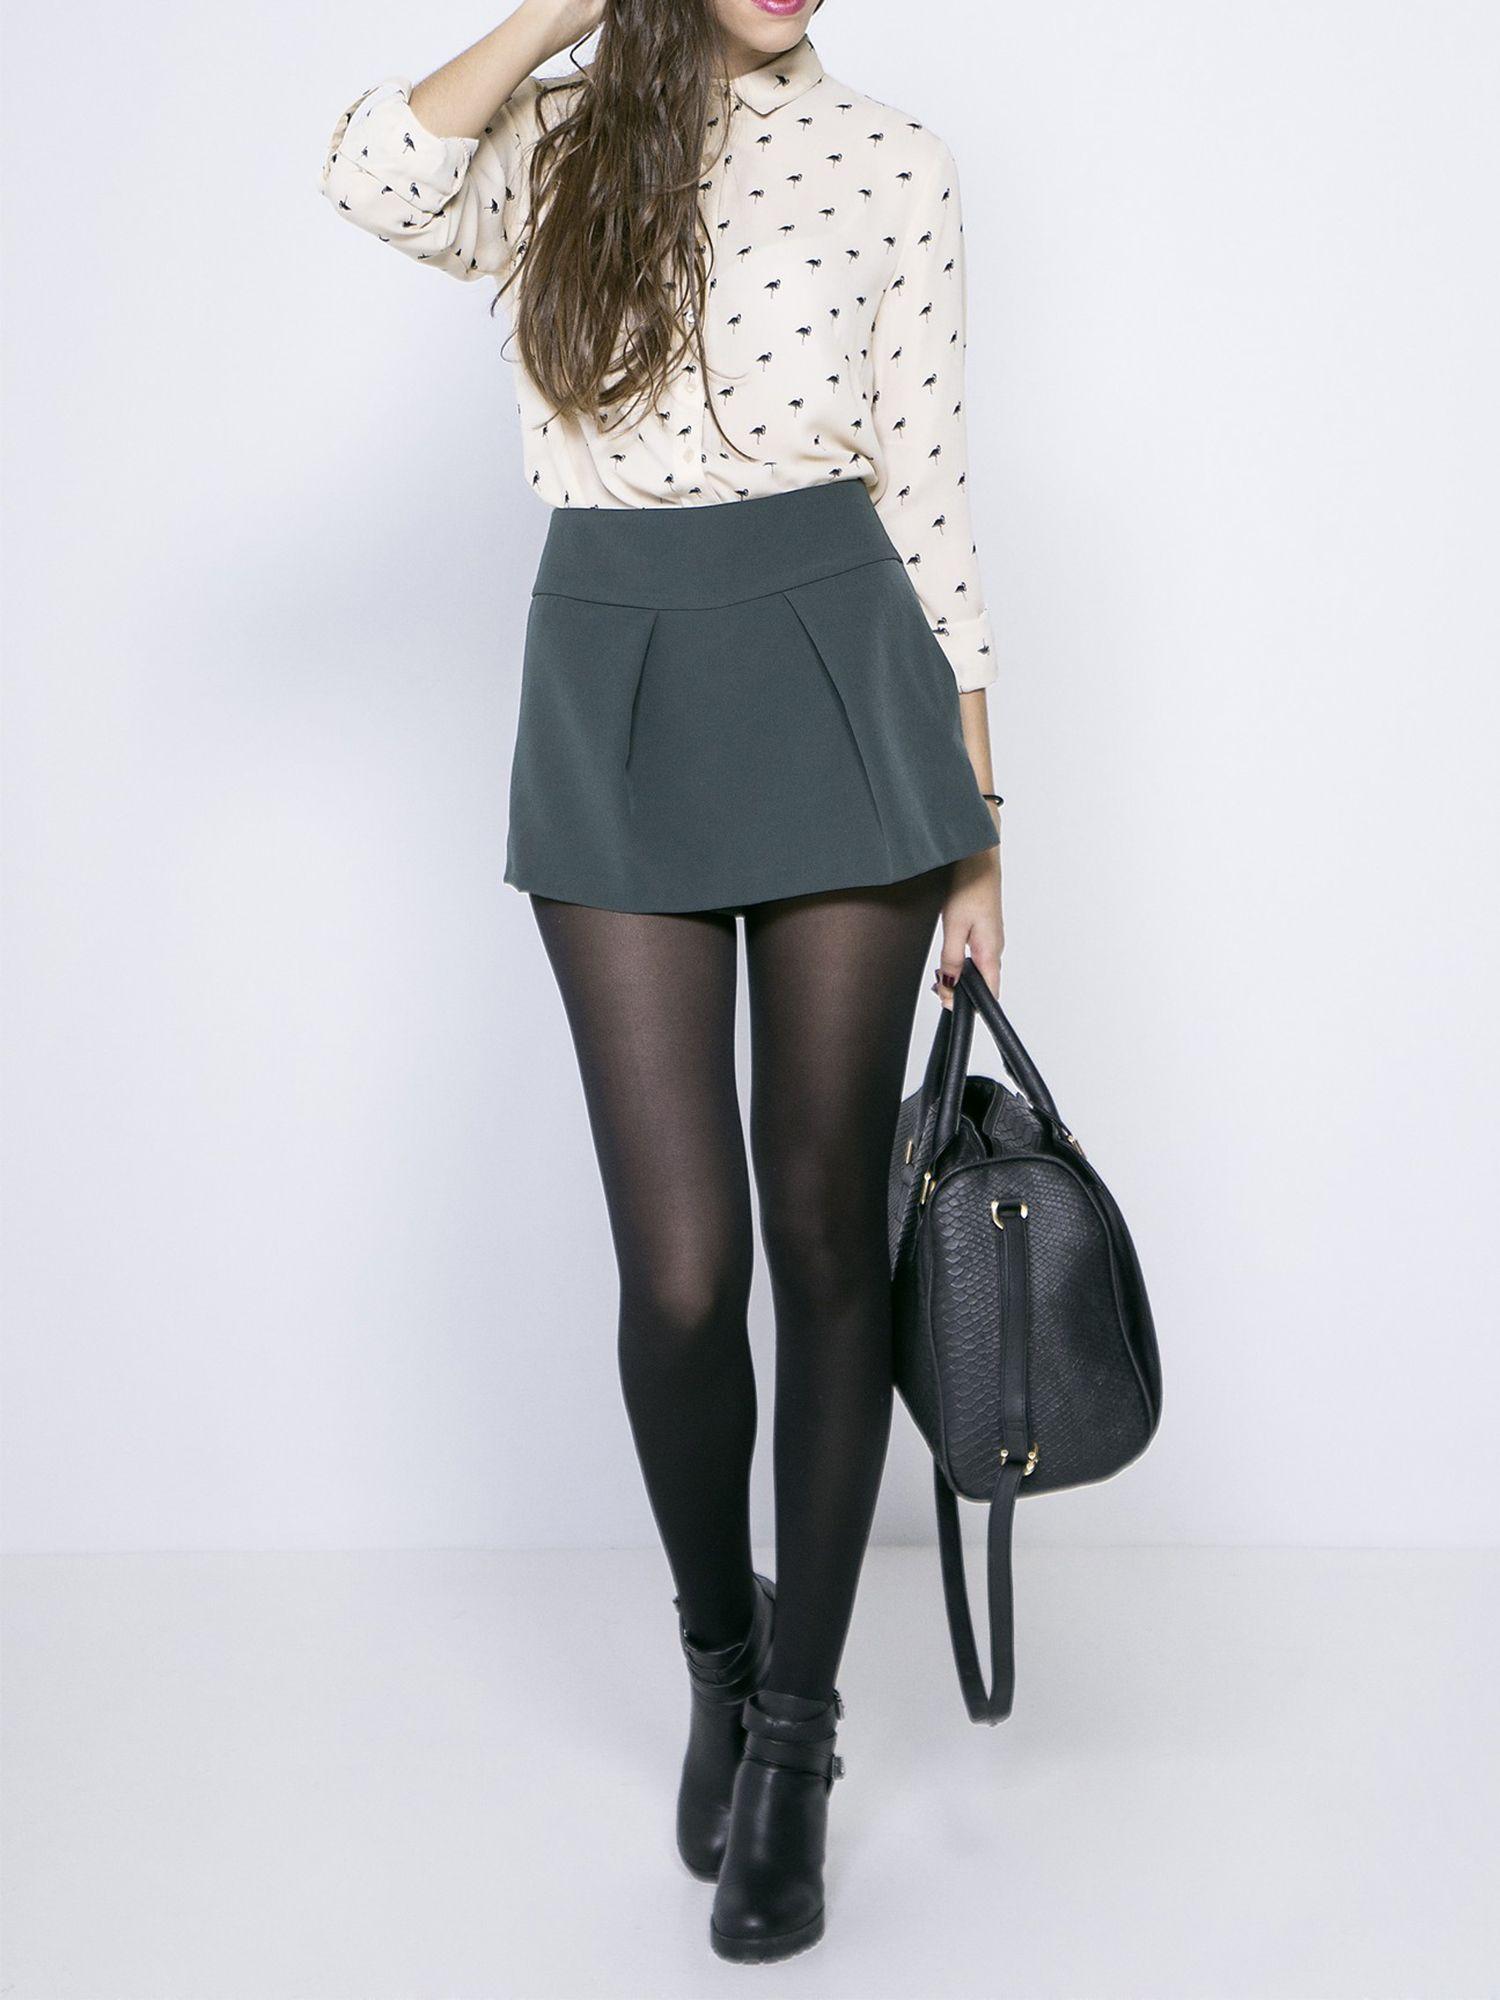 vêtement mode chic femme accessoire tendance. chemisier manches